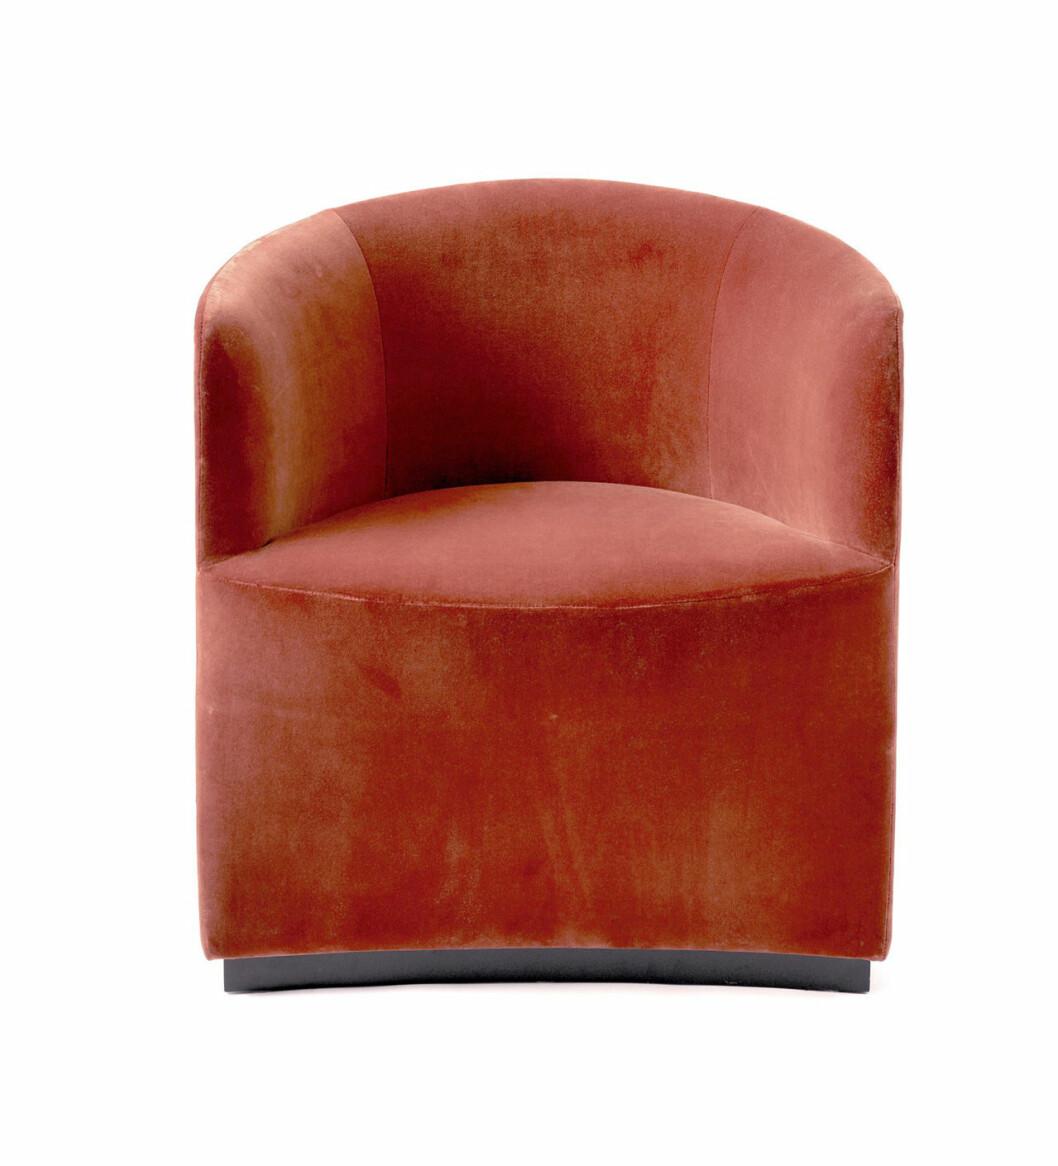 Fåtölj ur serien Tearoom är designad av Nick Ross för Menu.